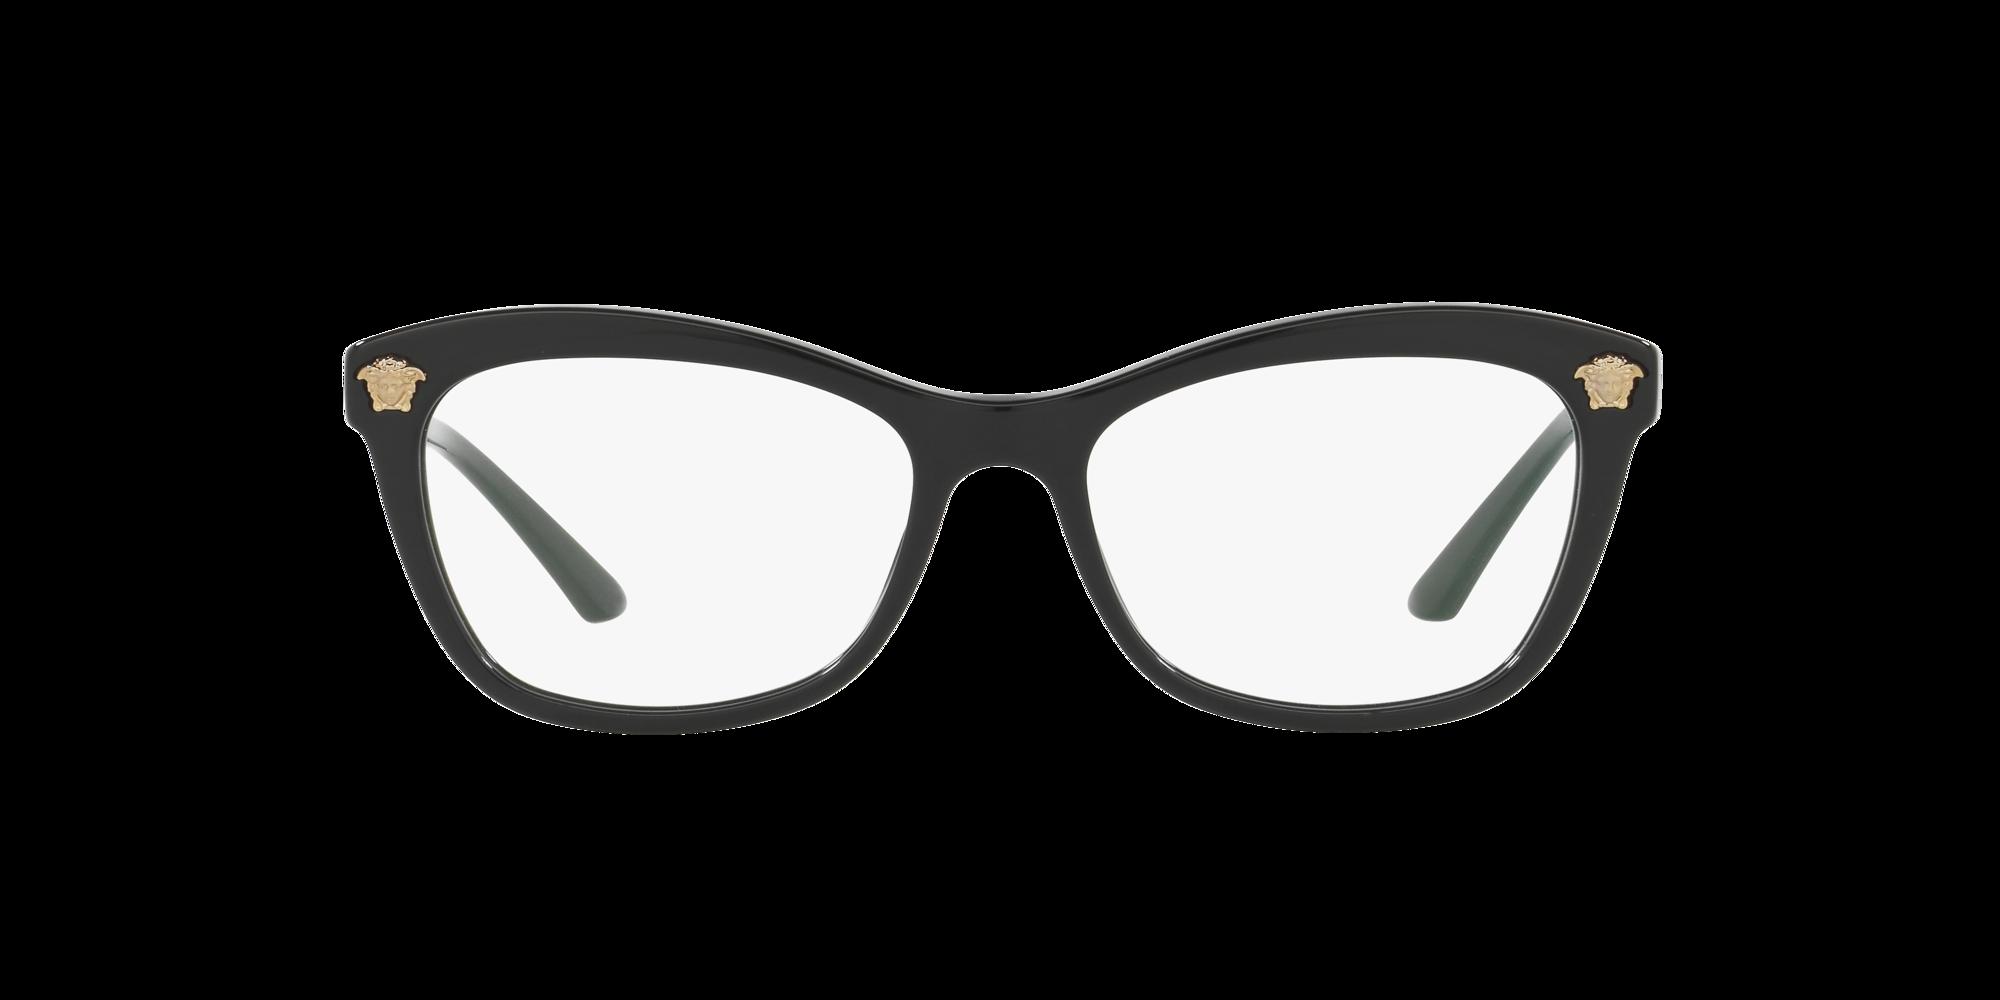 Imagen para VE3224 de LensCrafters |  Espejuelos, espejuelos graduados en línea, gafas